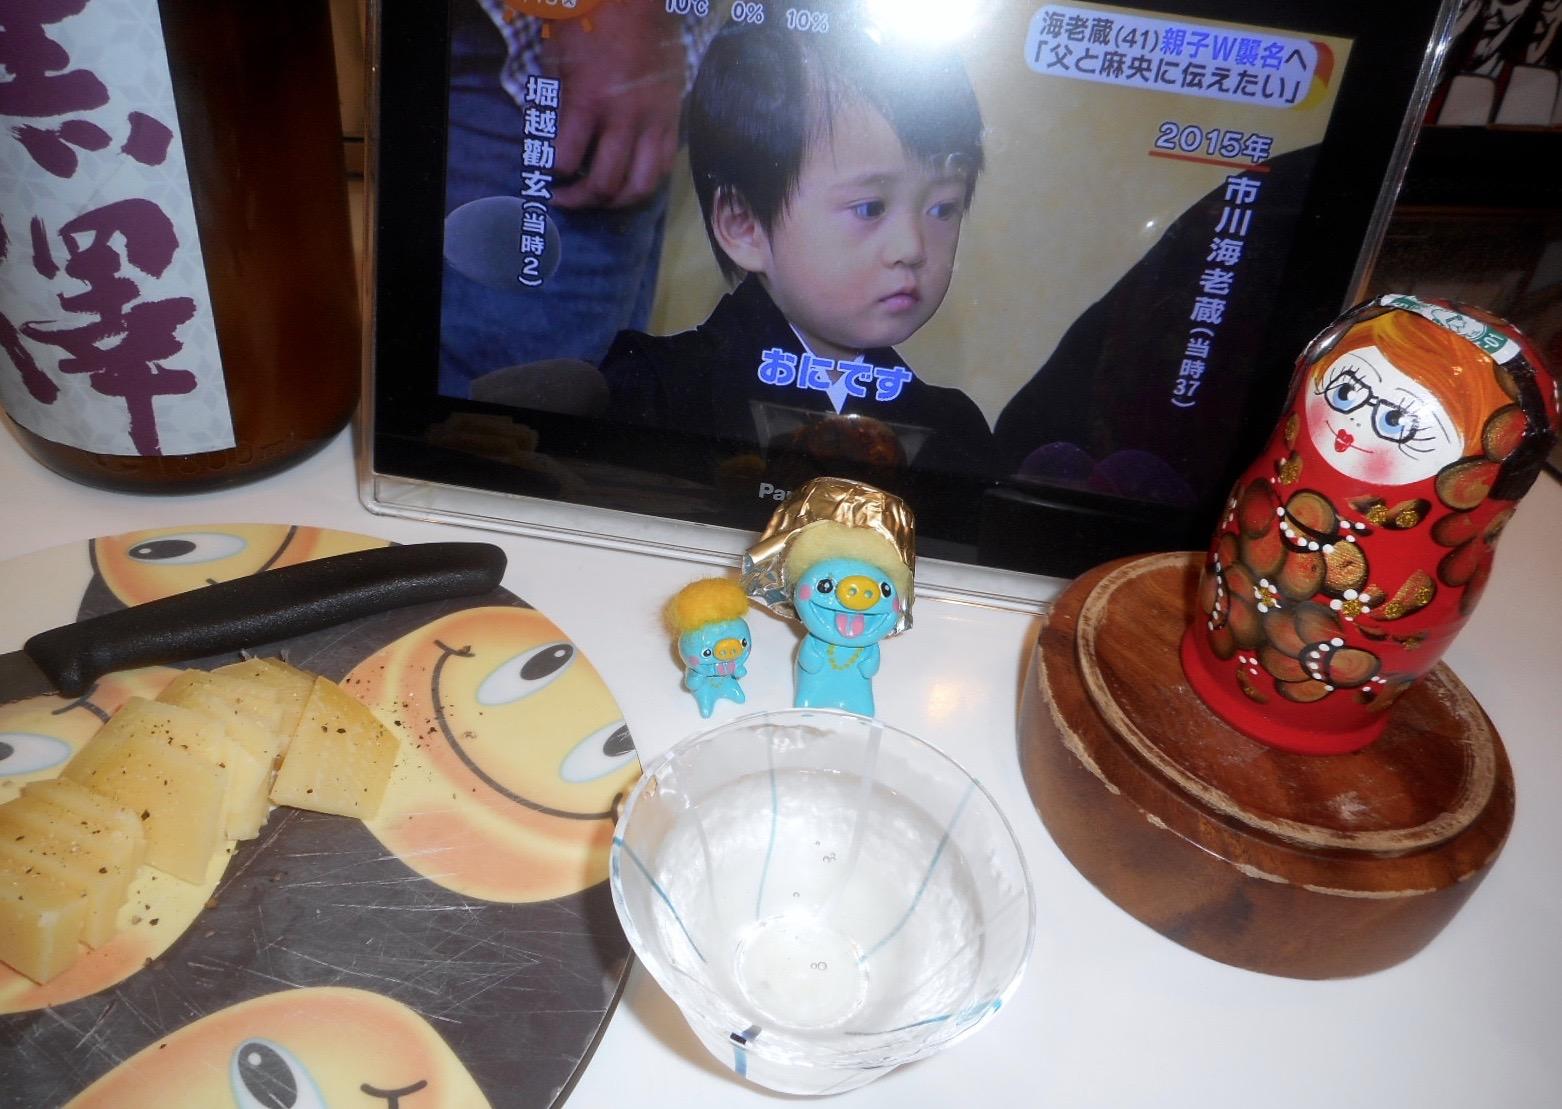 kurosawa_type9nigori30by8.jpg